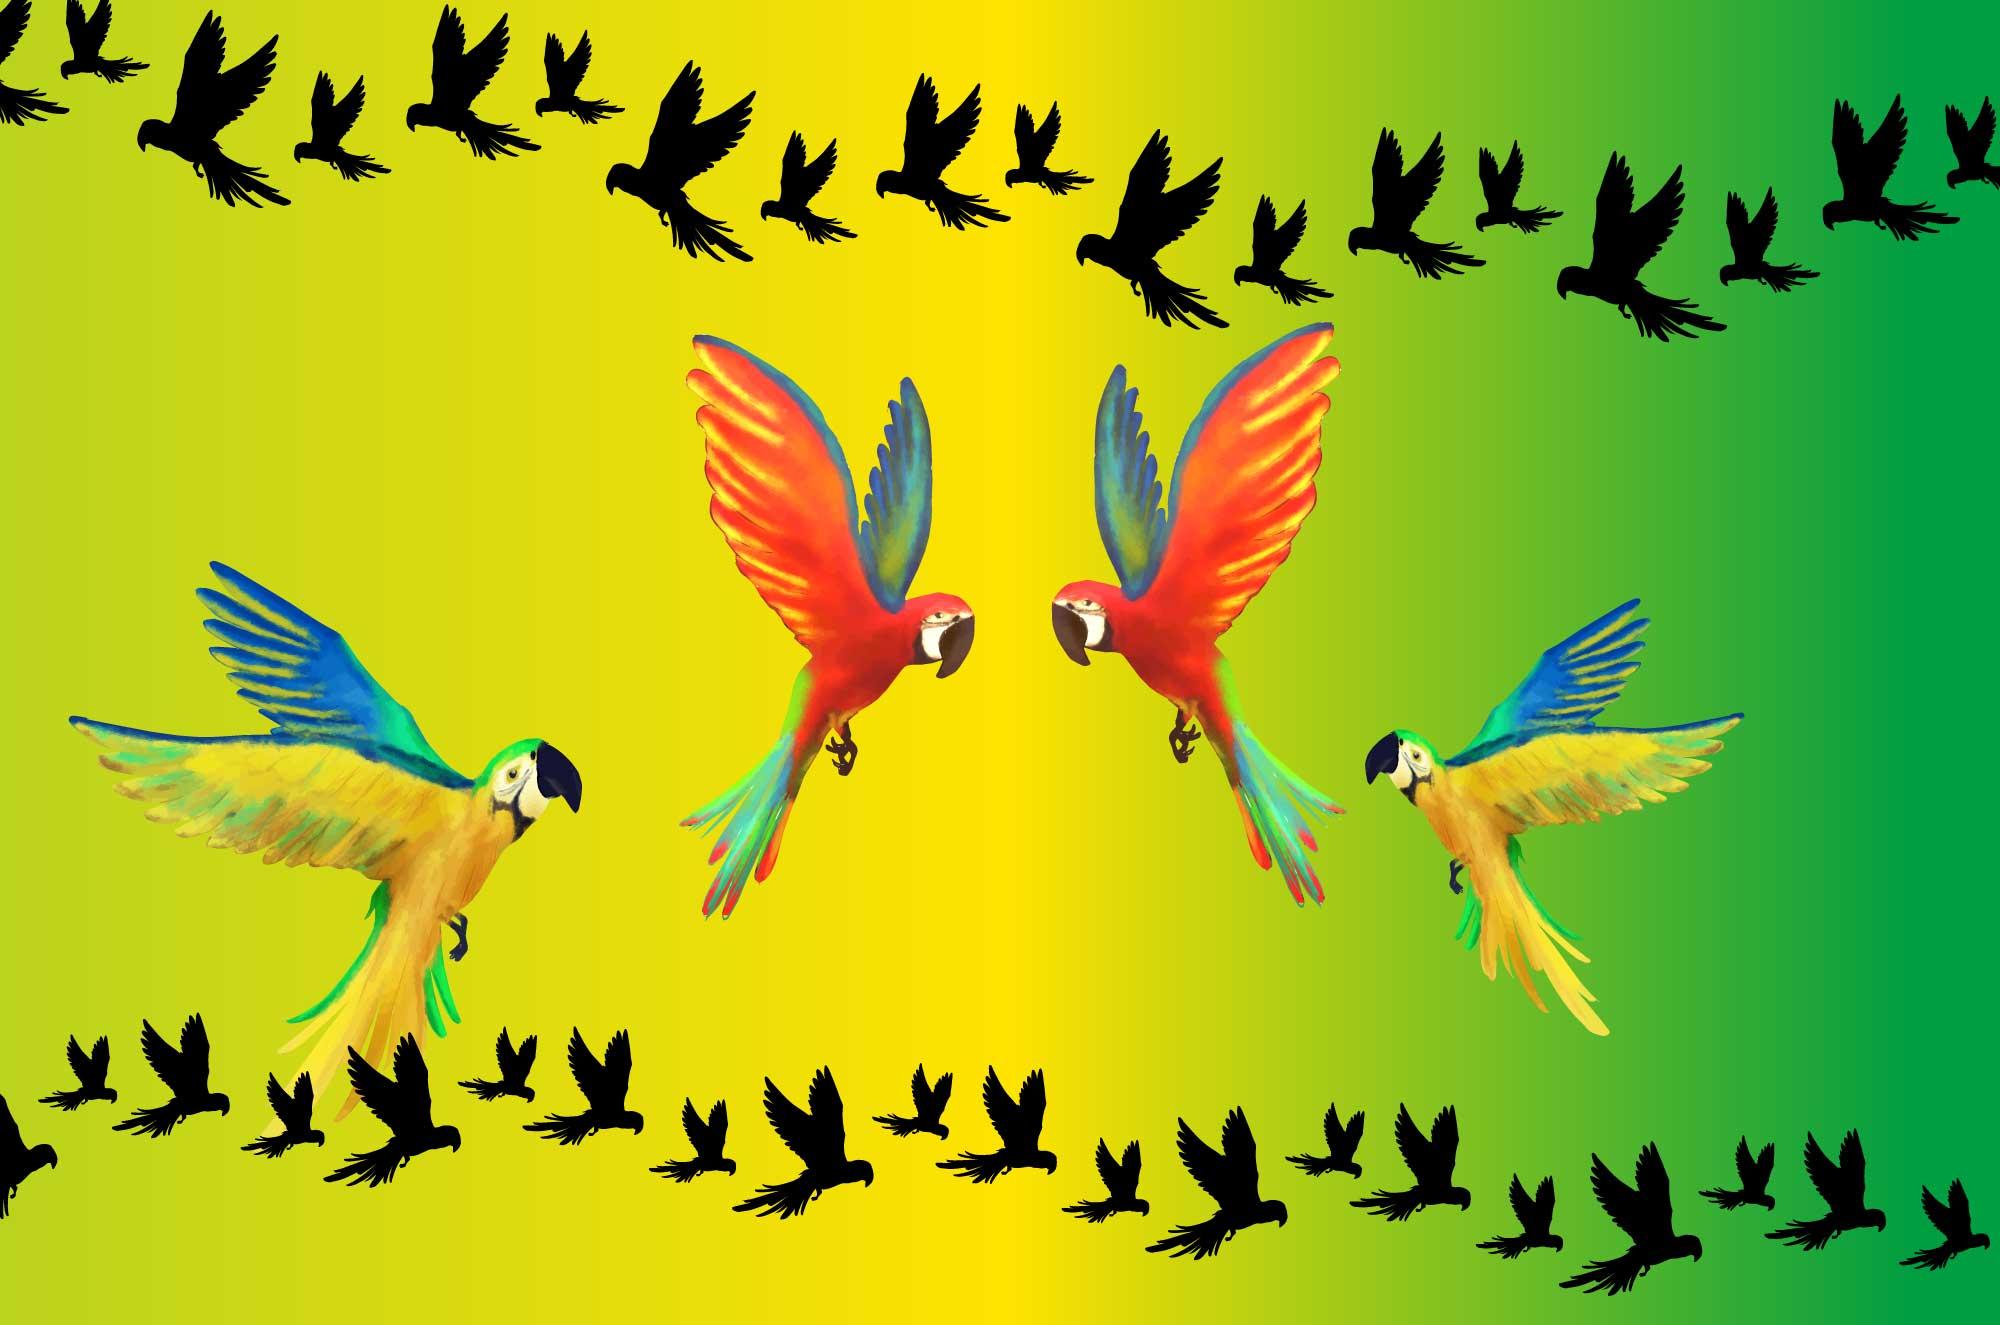 オウムの無料イラスト - 南国の鳥のフリー素材